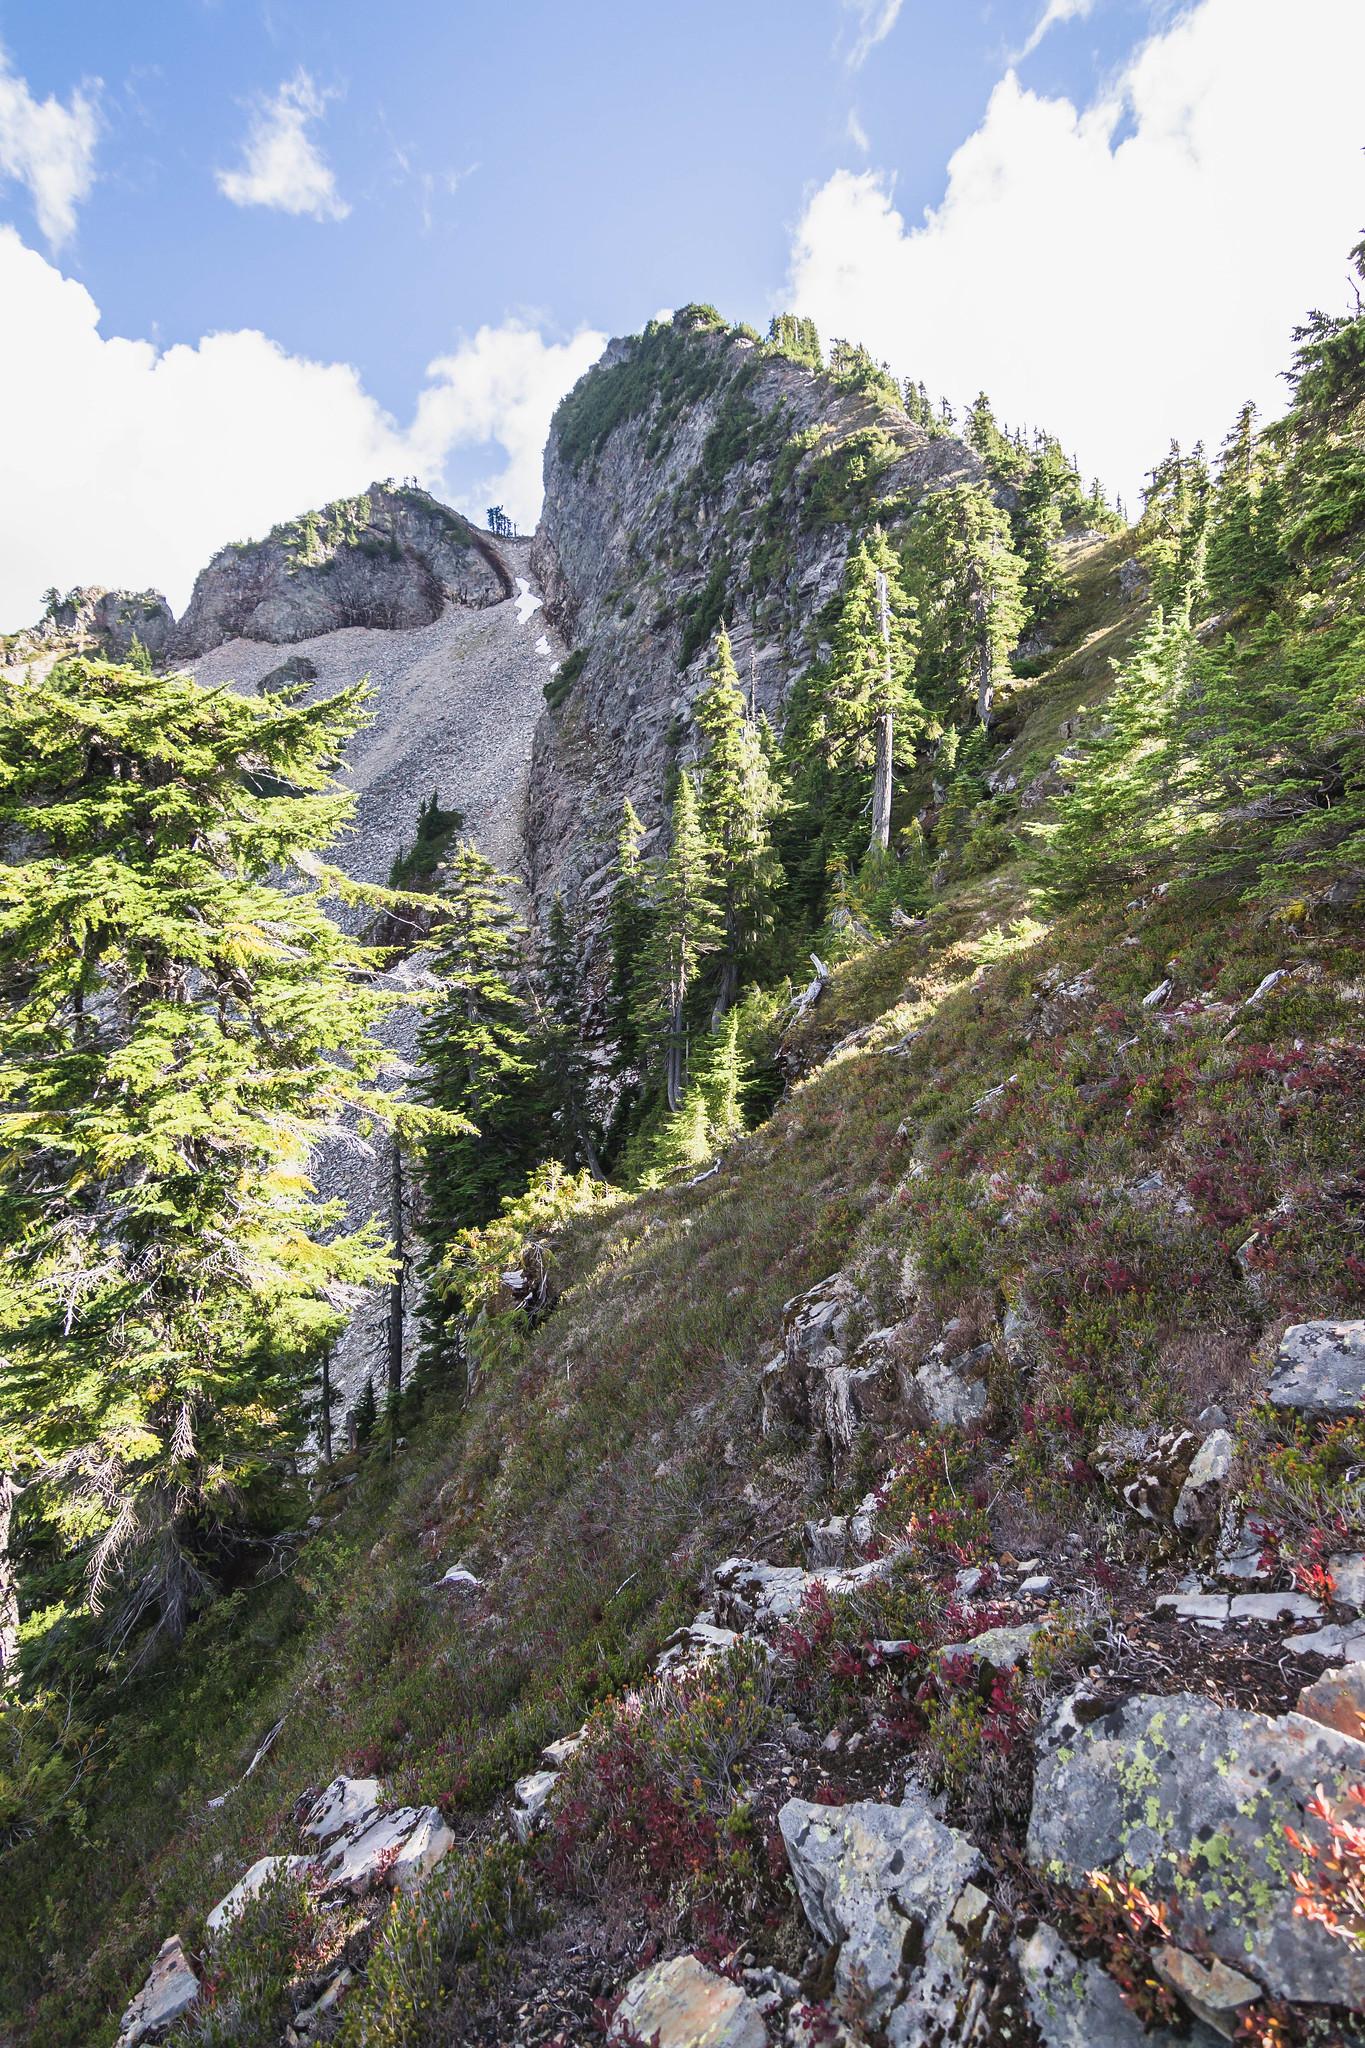 Lewis Peak summit within reach